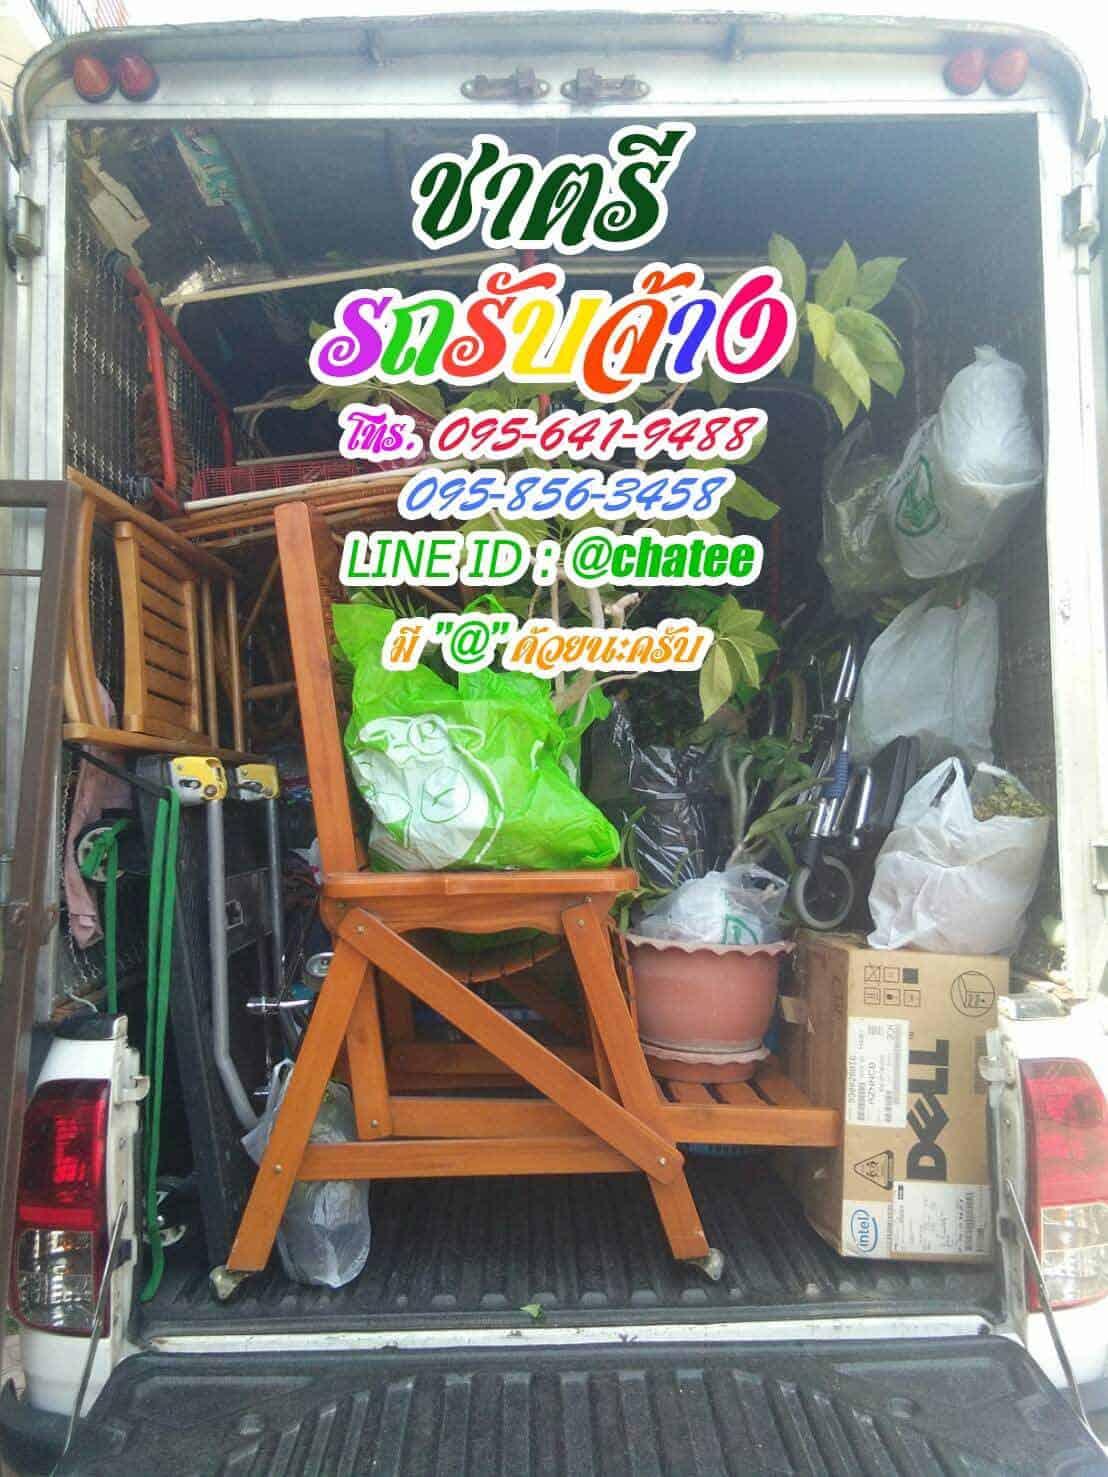 รถกระบะรับจ้างย้ายของหอพักจากบางใหญ่ไปฝั่งธนบุรี